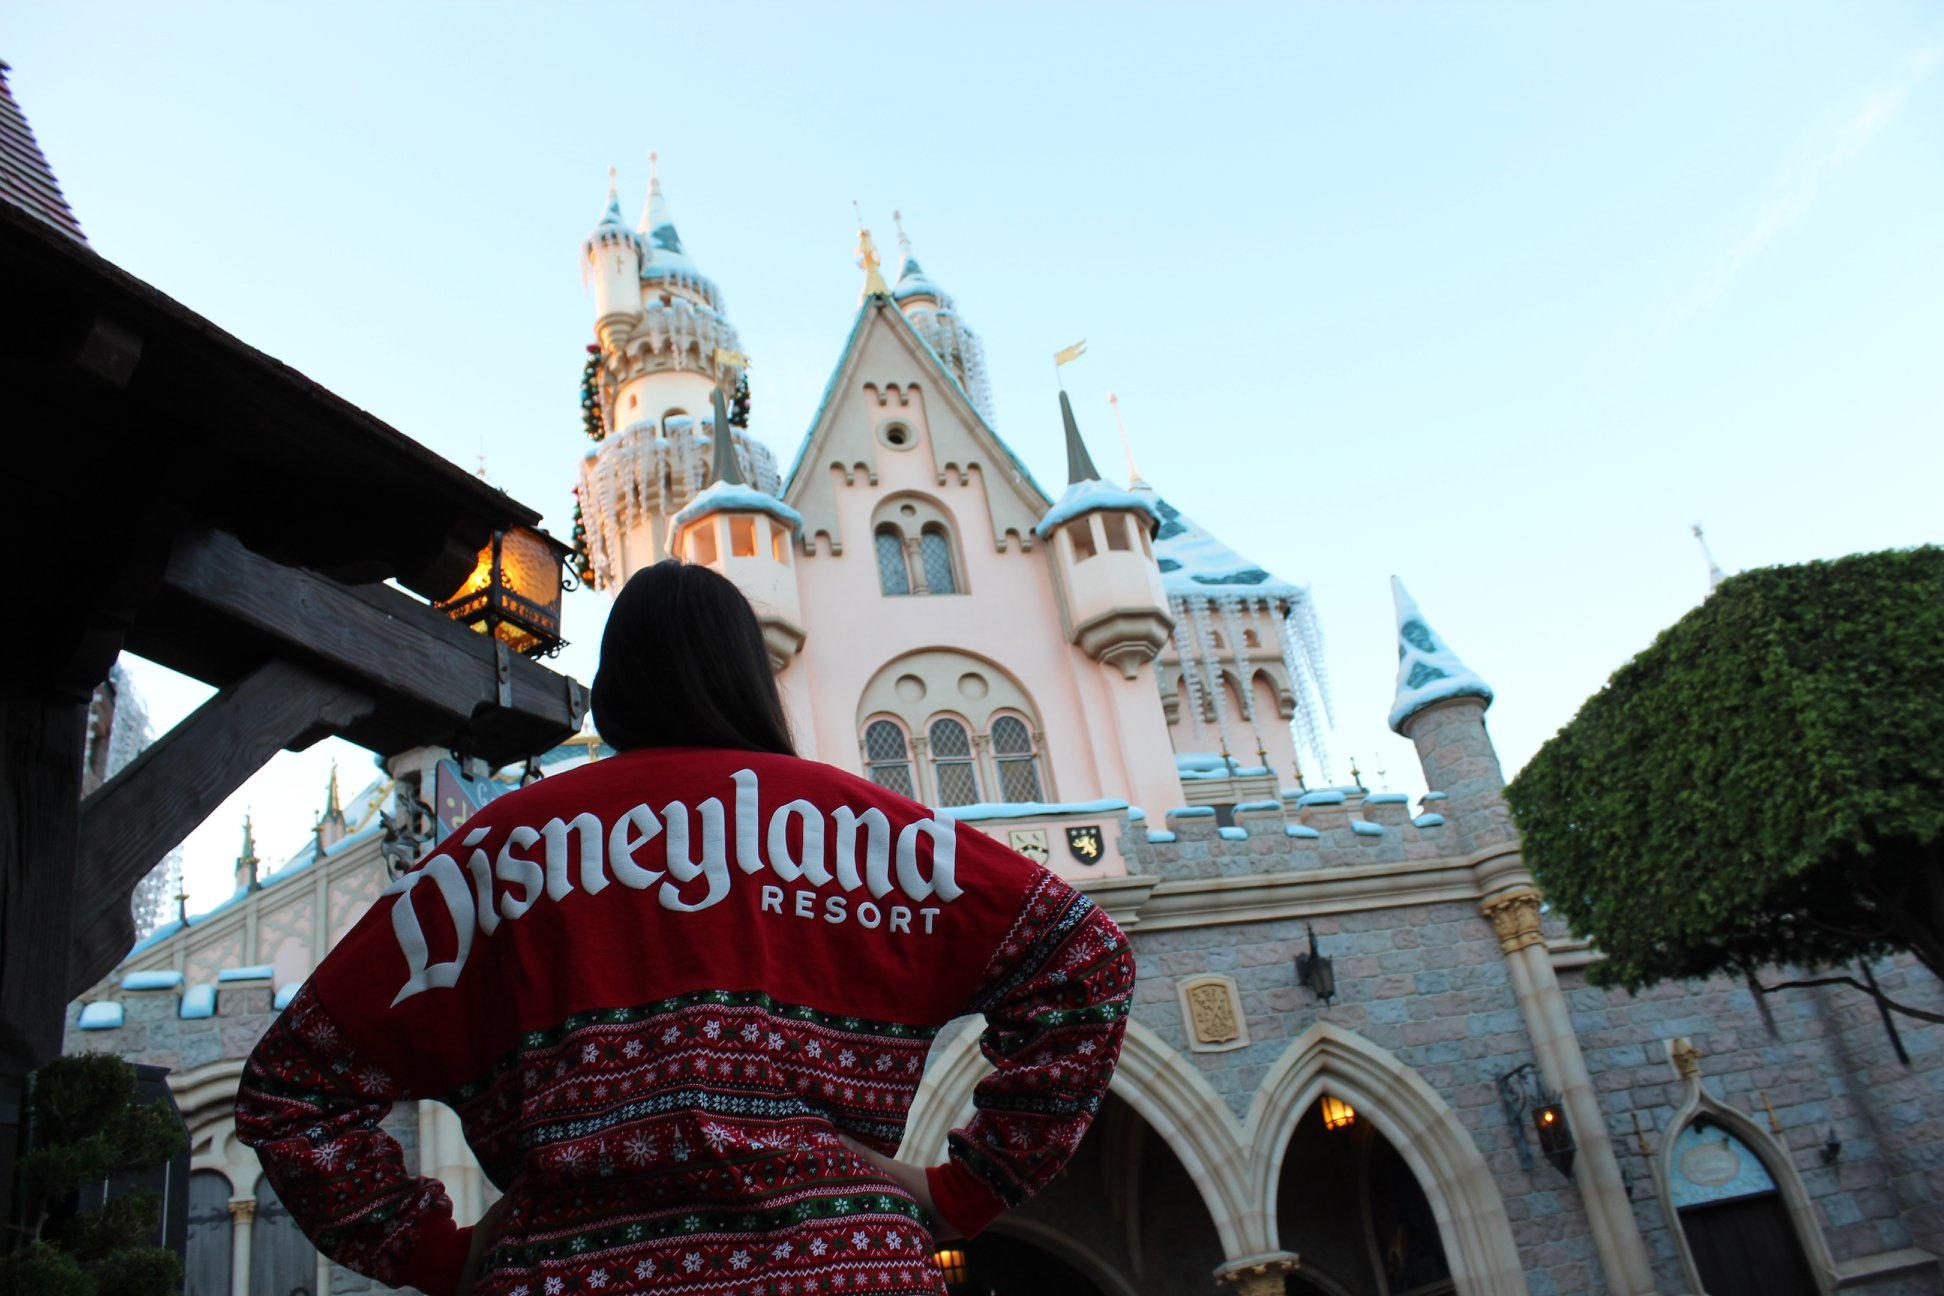 Después de un año cerrado por el COVID-19, Disneyland Resort reabrirá sus puertas el 30 de abril